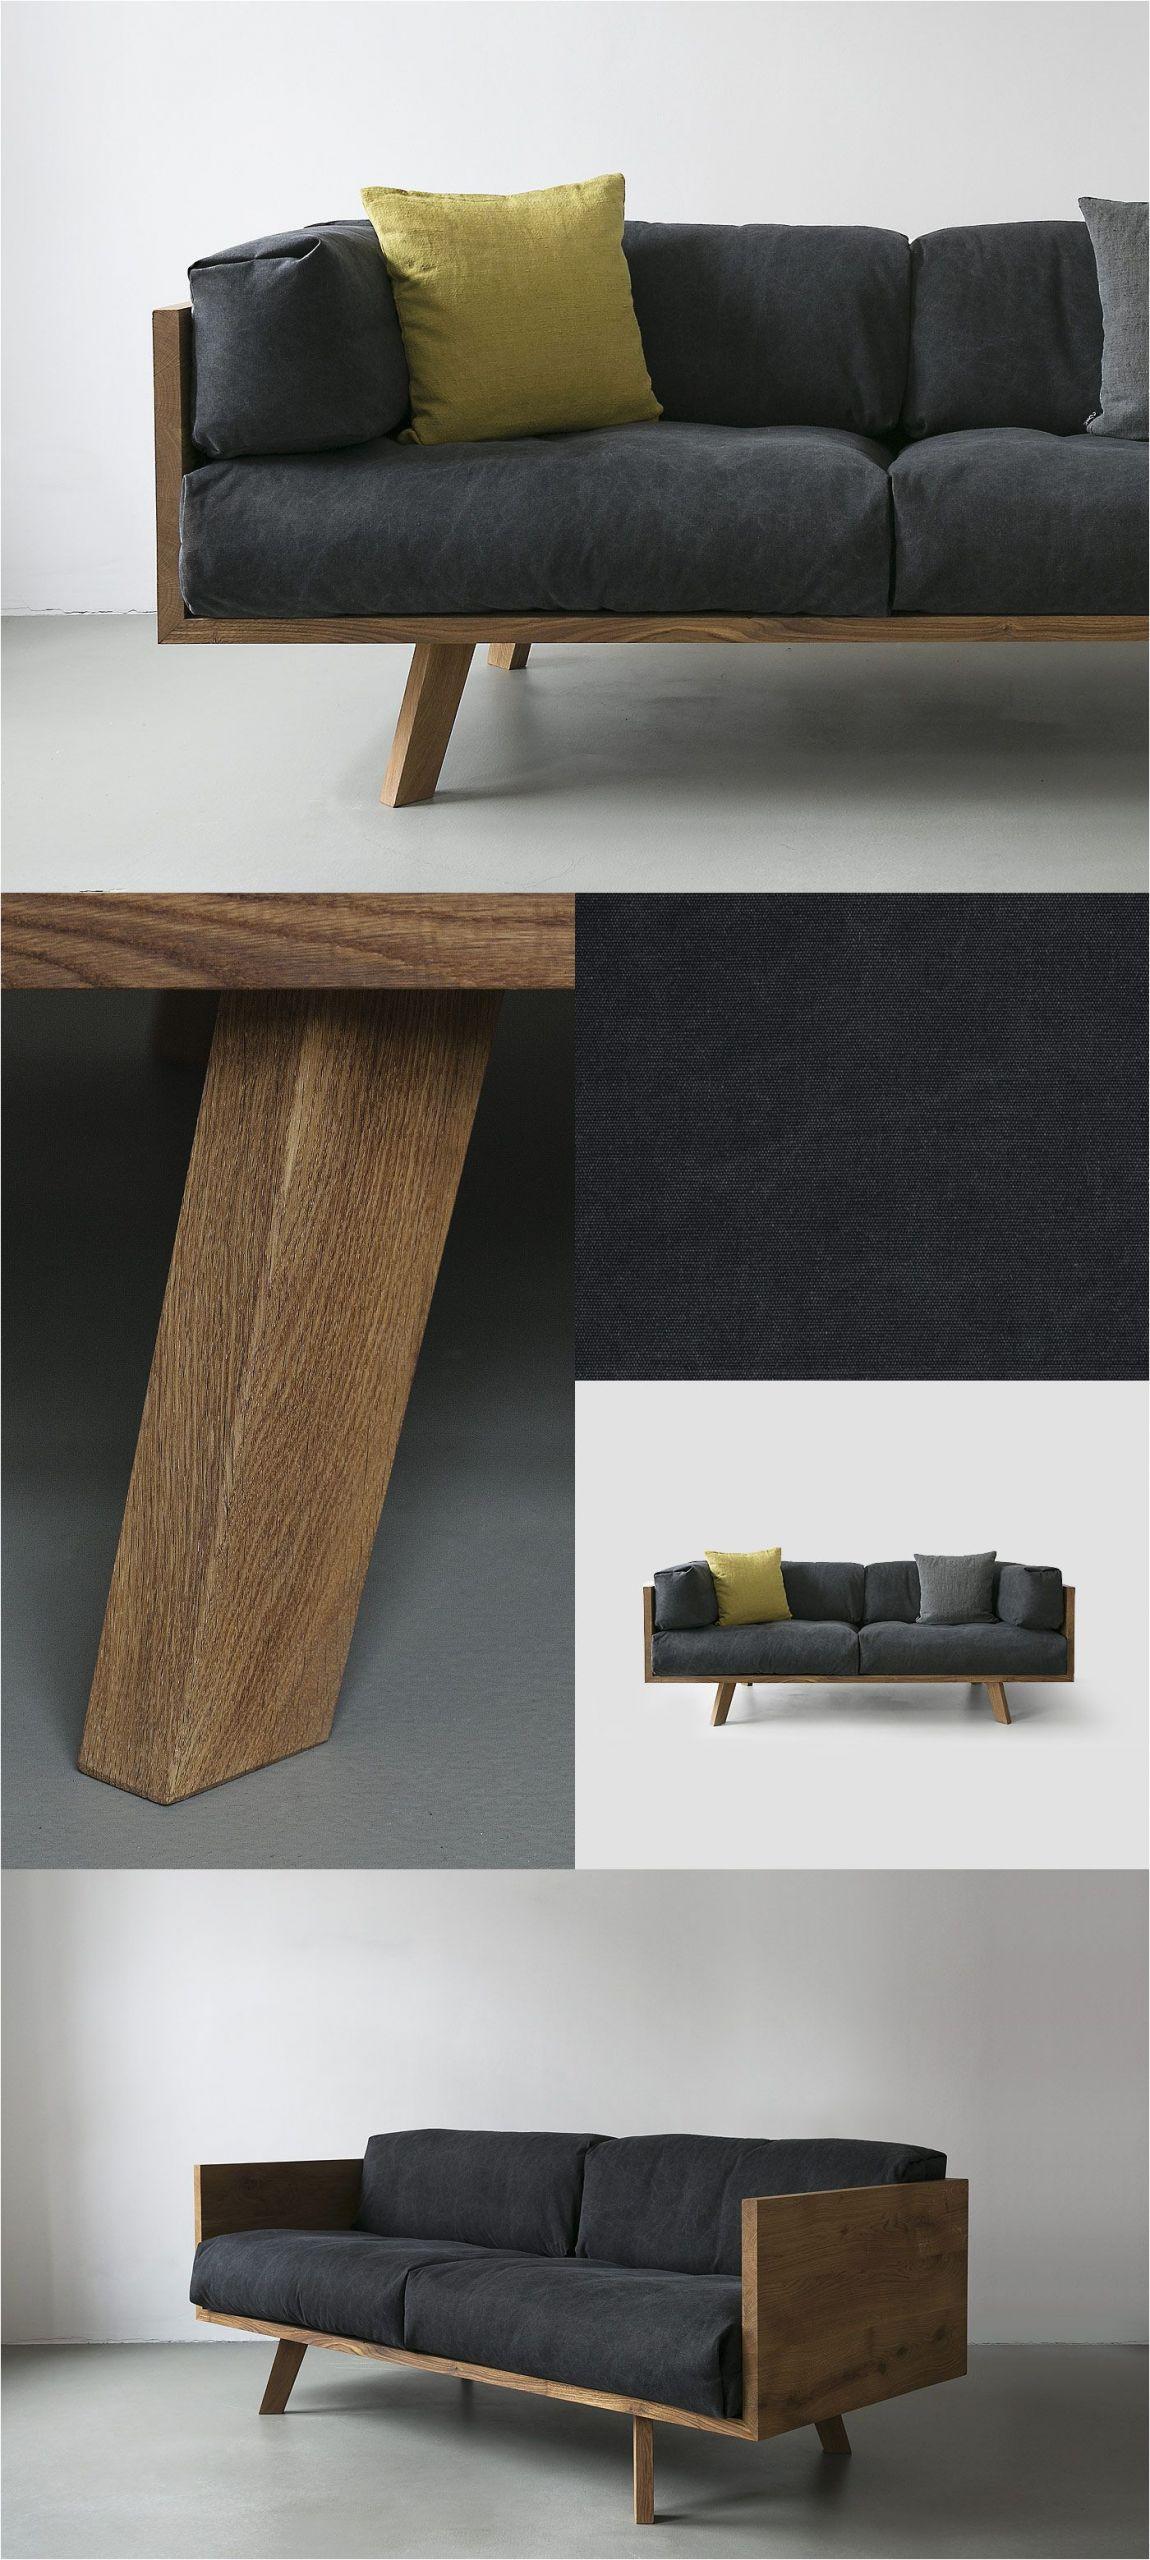 Office sofa Design Diy Furniture I Möbel Selber Bauen I Couch sofa Daybed I